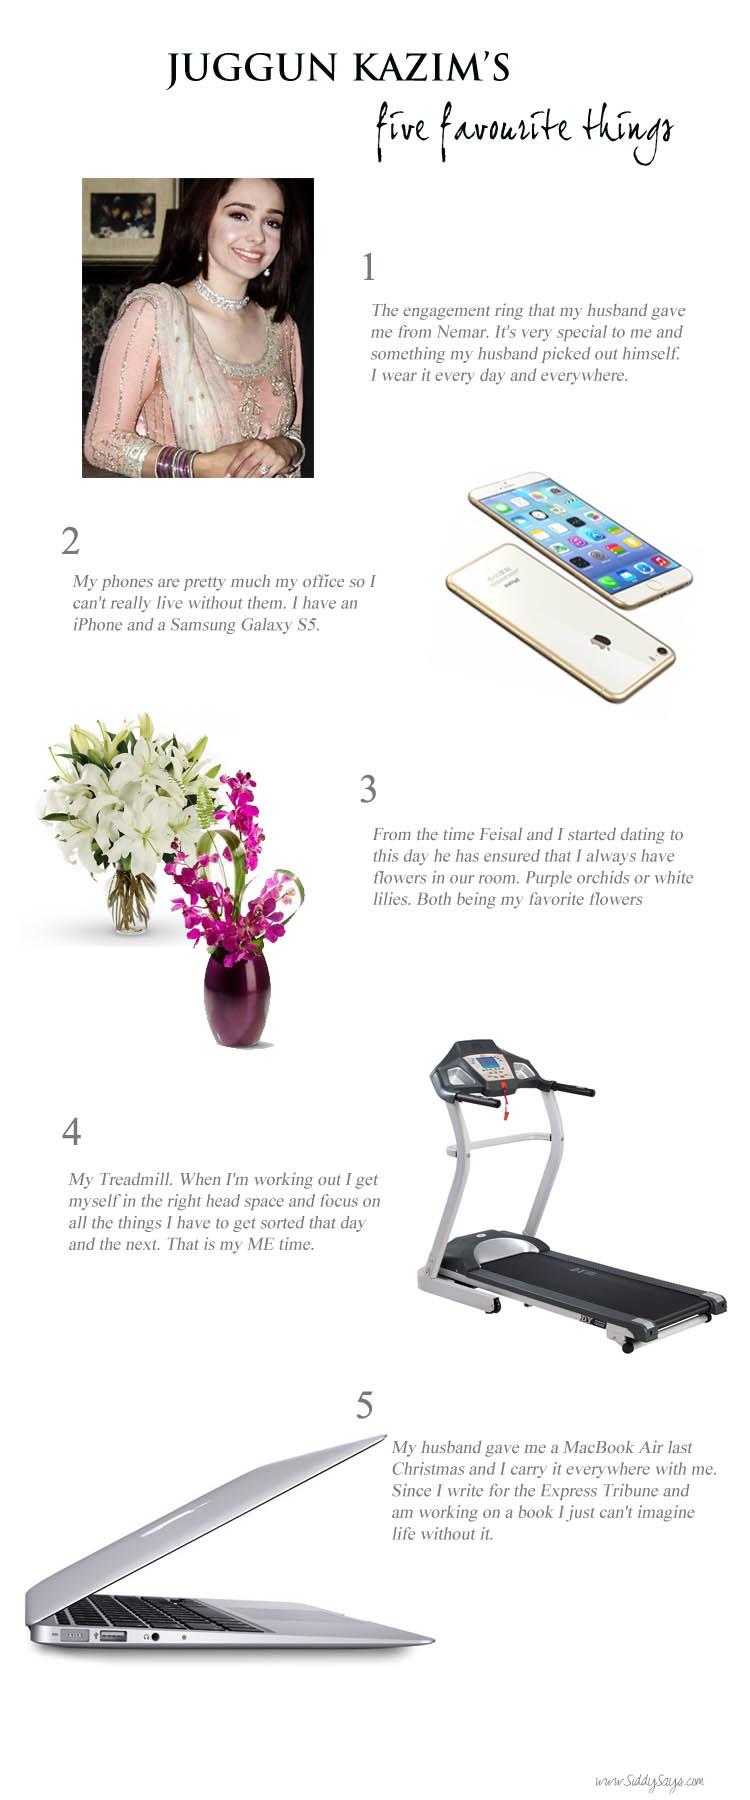 Juggun Kazim 5 Favourites Things